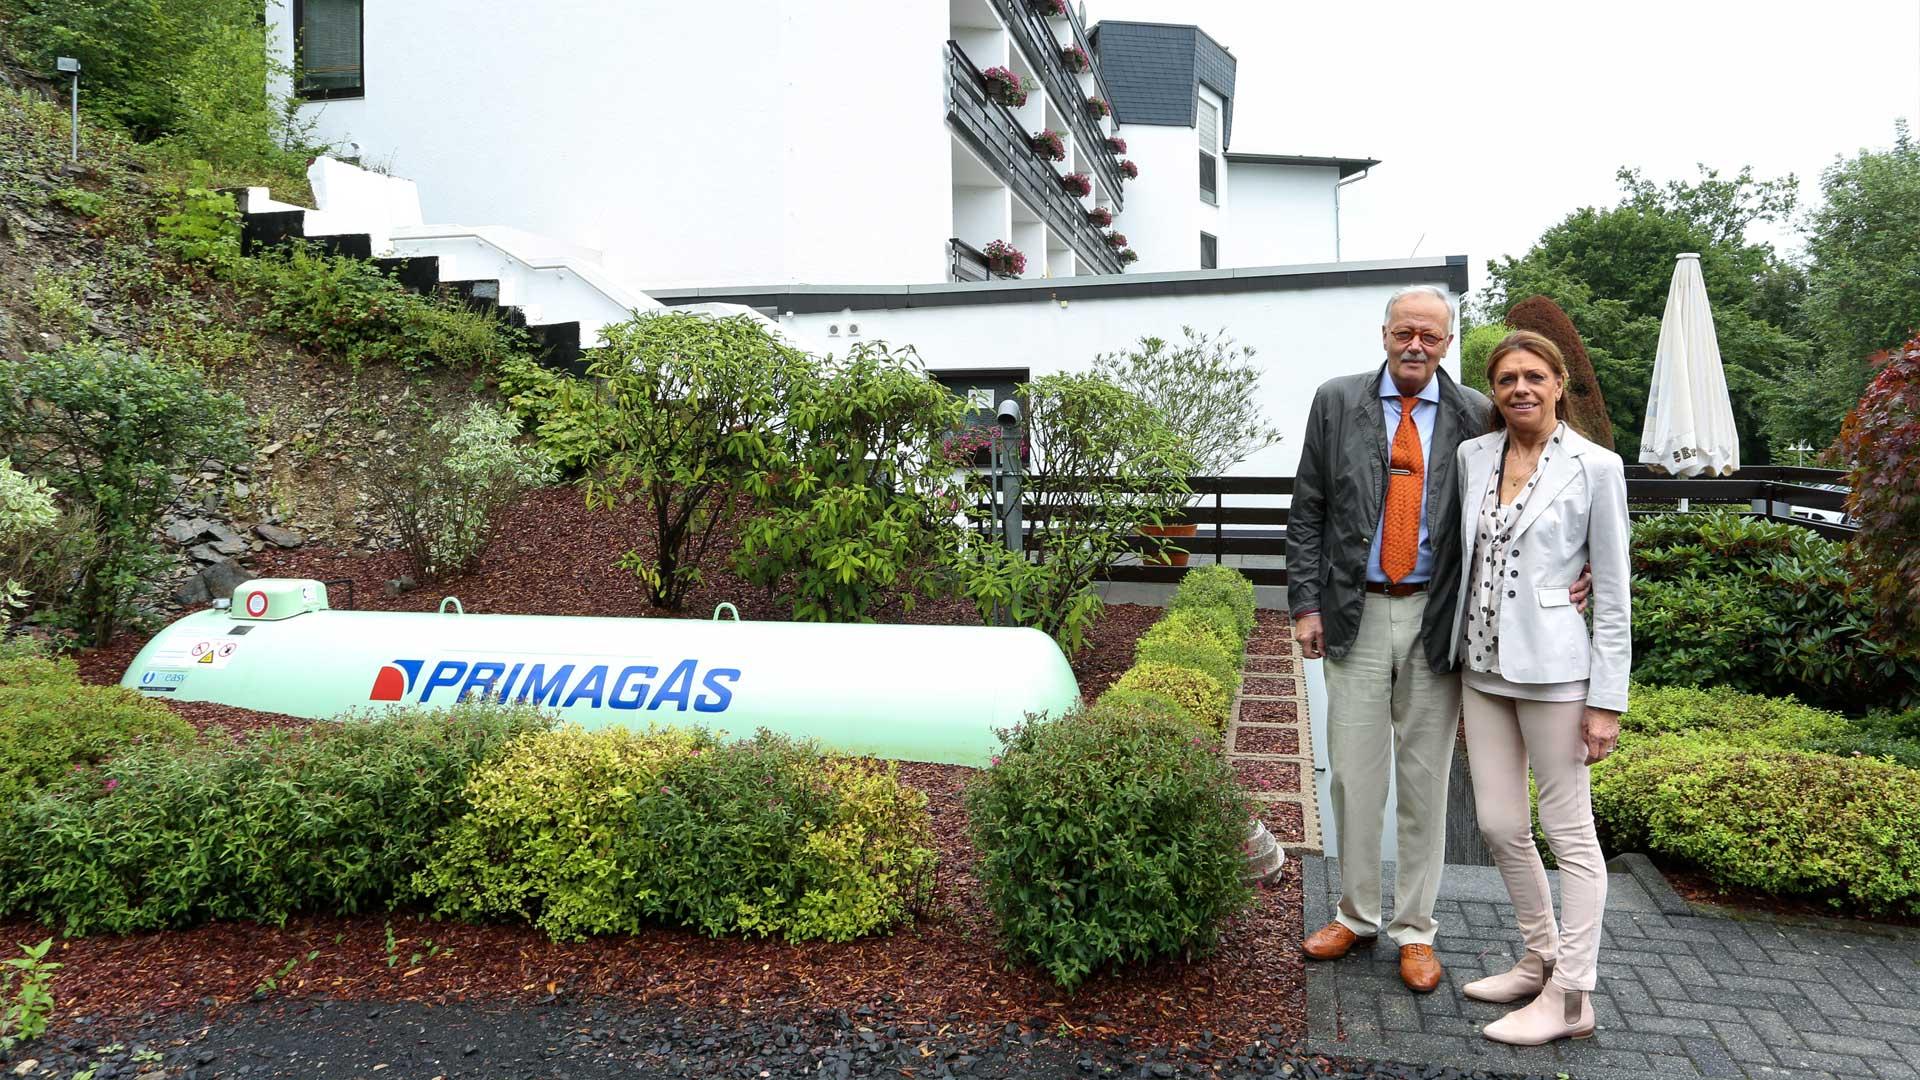 Petra und Christoph Vömel vor halb erdgedecktem Flüssiggas-Tank mit PRIMAGAS Logo, im Hintergrund das Pflegeheim Haus Tannenhof.